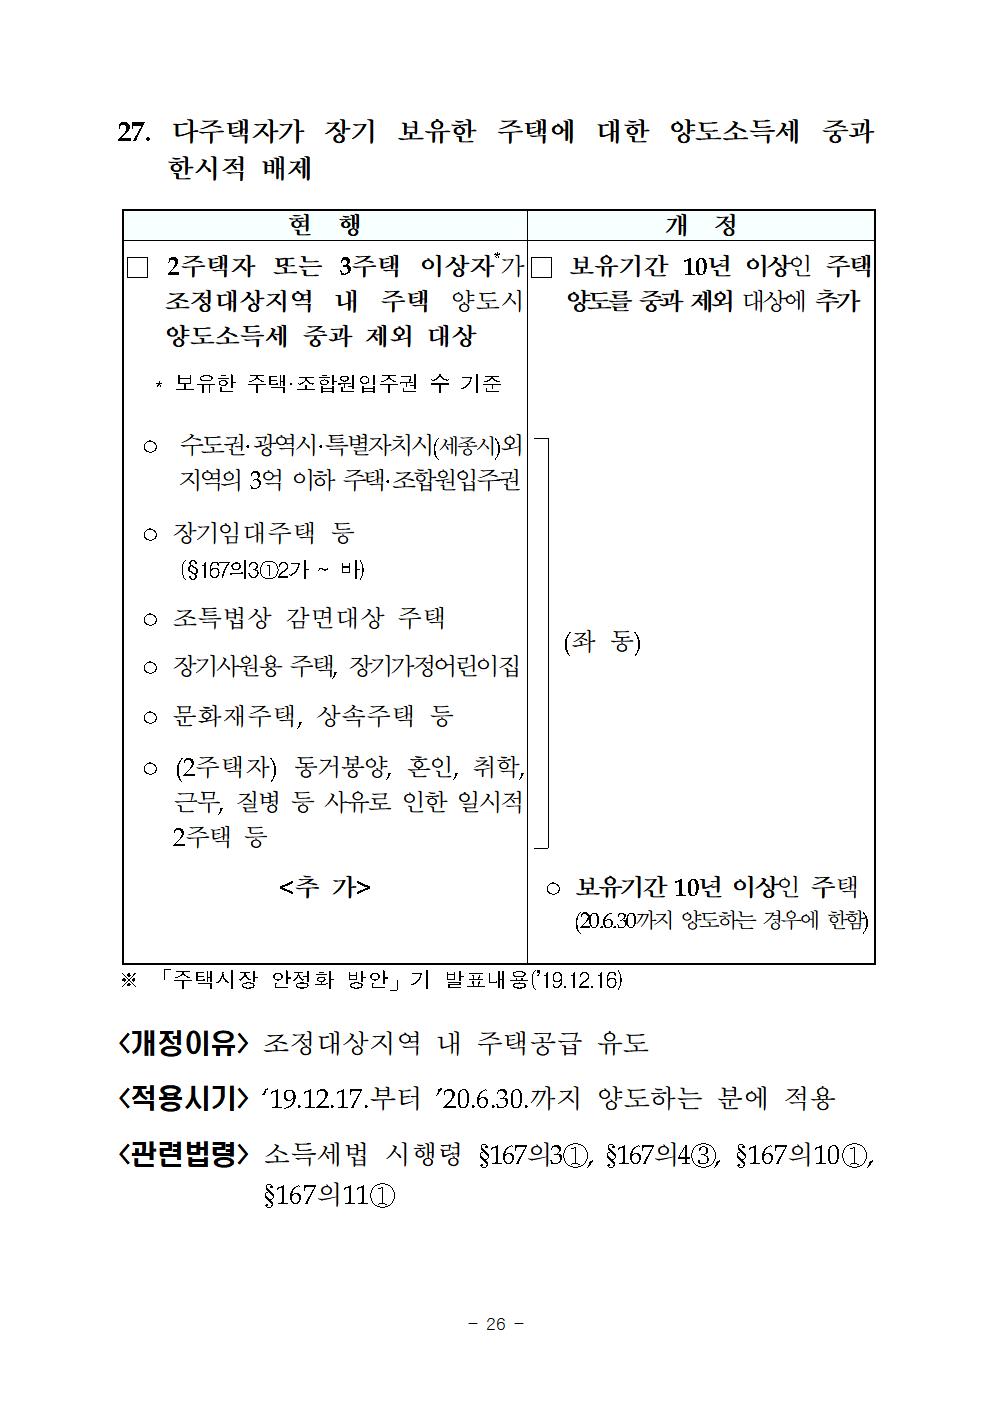 2019년세법개정내용(양도소득세분야)031.png